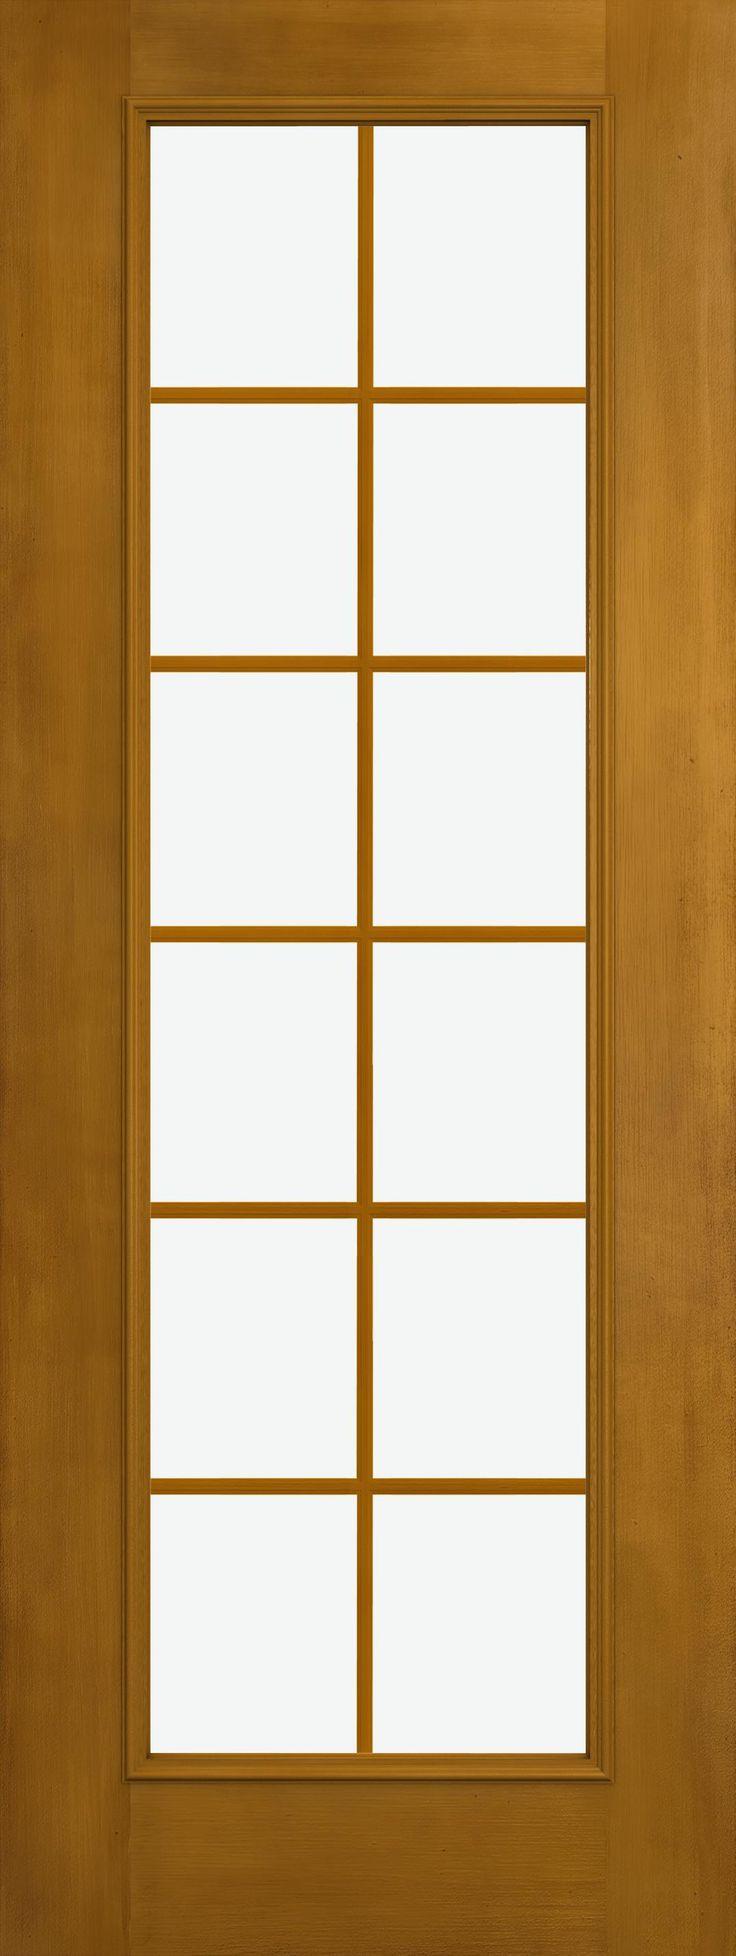 Best 25 exterior fiberglass doors ideas on pinterest for Jeld wen fiberglass entry door